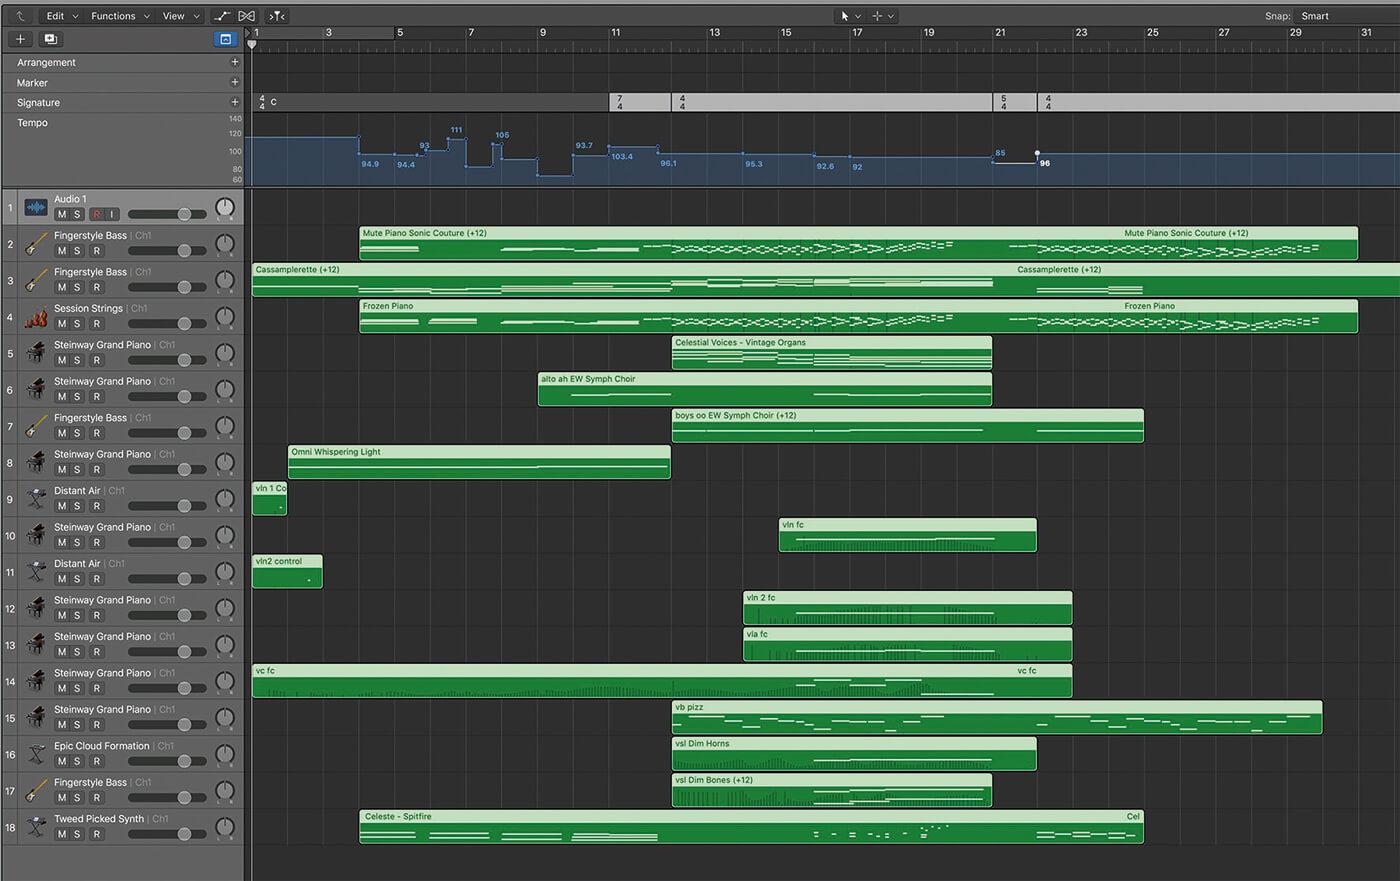 MIDI File w Tempo Changes